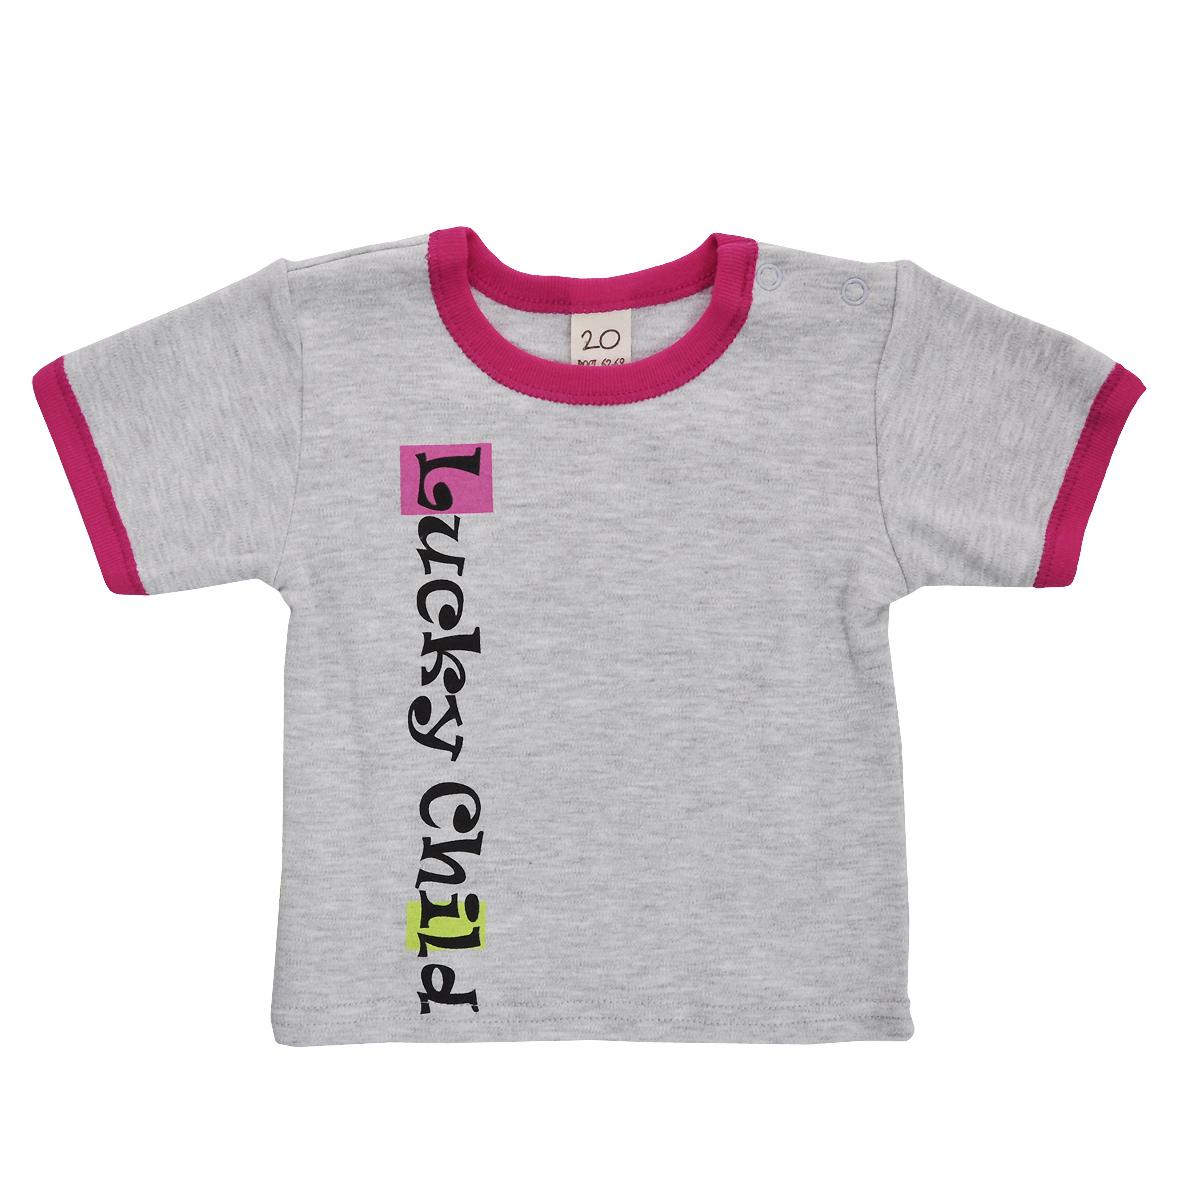 Футболка детская Lucky Child, цвет: серый, розовый. 1-26Д. Размер 86/921-26ДДетская футболка Lucky Child Спорт идеально подойдет вашему ребенку и станет прекрасным дополнением к его гардеробу. Изготовленная из натурального хлопка, она мягкая и приятная на ощупь, не сковывает движения и позволяет коже дышать, не раздражает даже самую нежную и чувствительную кожу ребенка, обеспечивая наибольший комфорт. Футболка с круглым вырезом горловины и короткими рукавами застегивается на кнопки по плечевому шву, что позволяет легко переодеть кроху. Низ рукавов и вырез горловины дополнены трикотажными резинками контрастного цвета. Модель оформлена принтовой надписью.В такой футболке ваш ребенок будет чувствовать себя уютно и комфортно, и всегда будет в центре внимания!